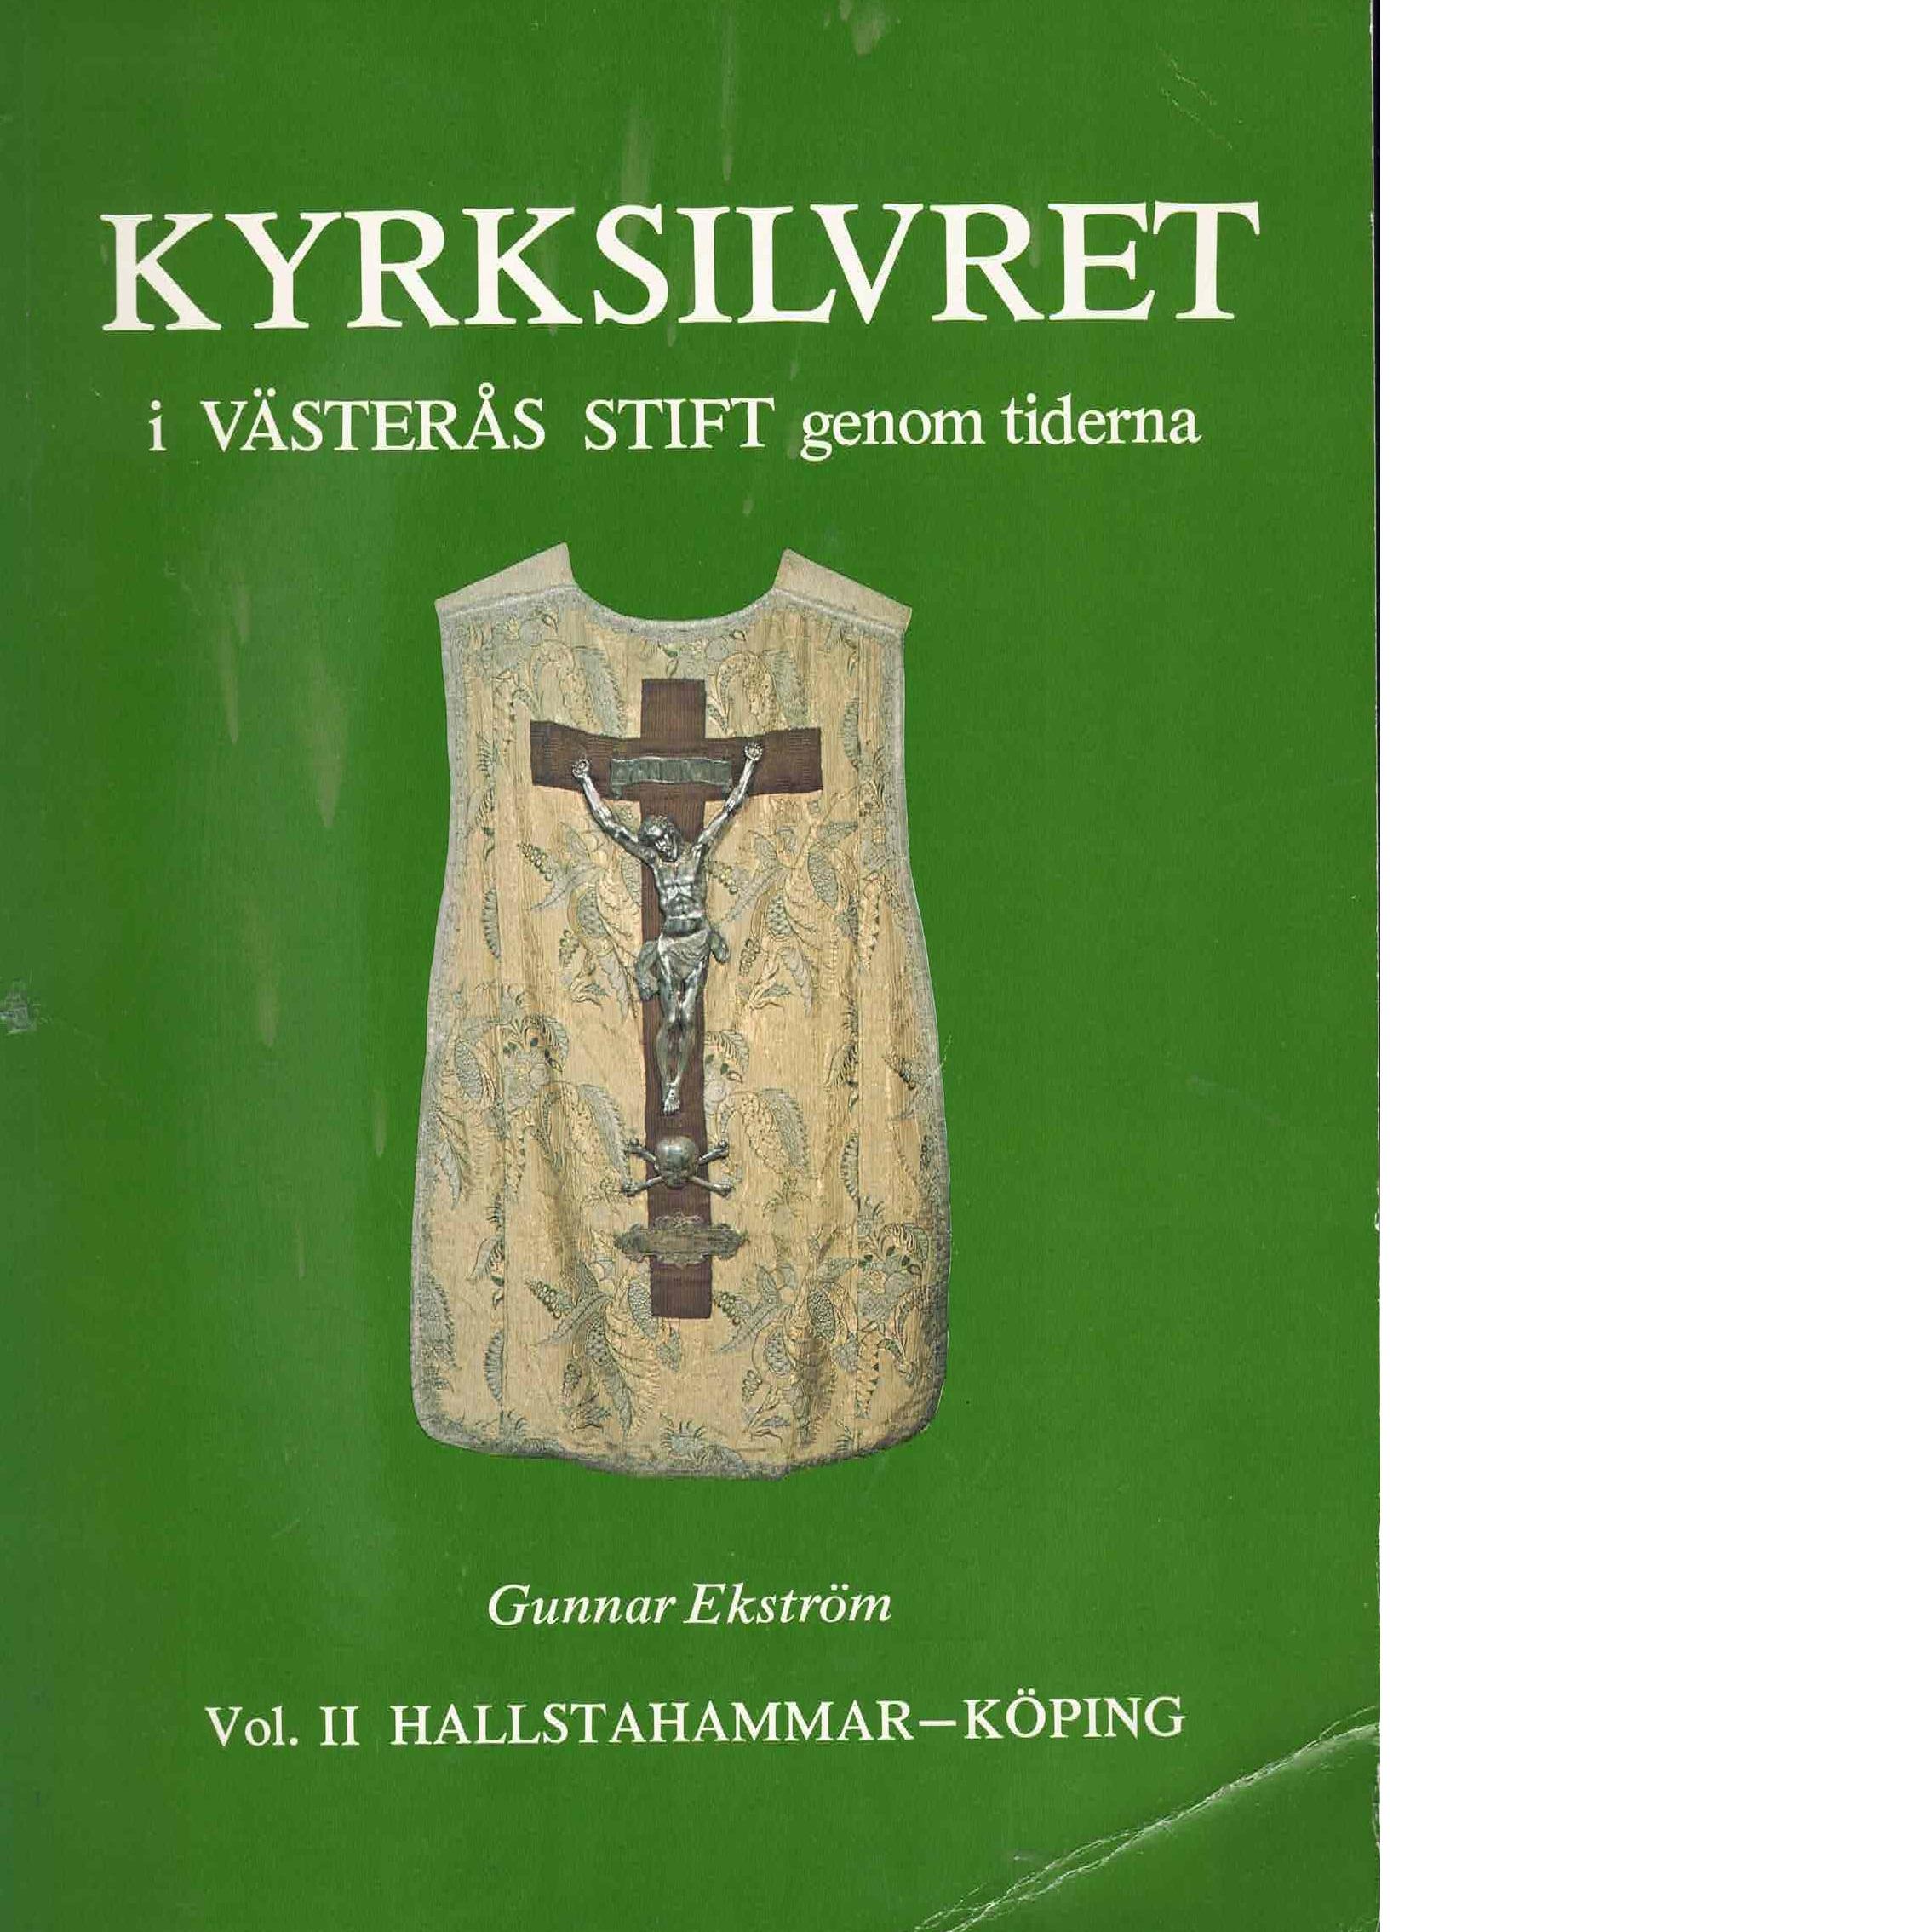 Kyrksilvret i Västerås stift genom tiderna Vol. 2 Hallstahammar-Köping - Ekström, Gunnar